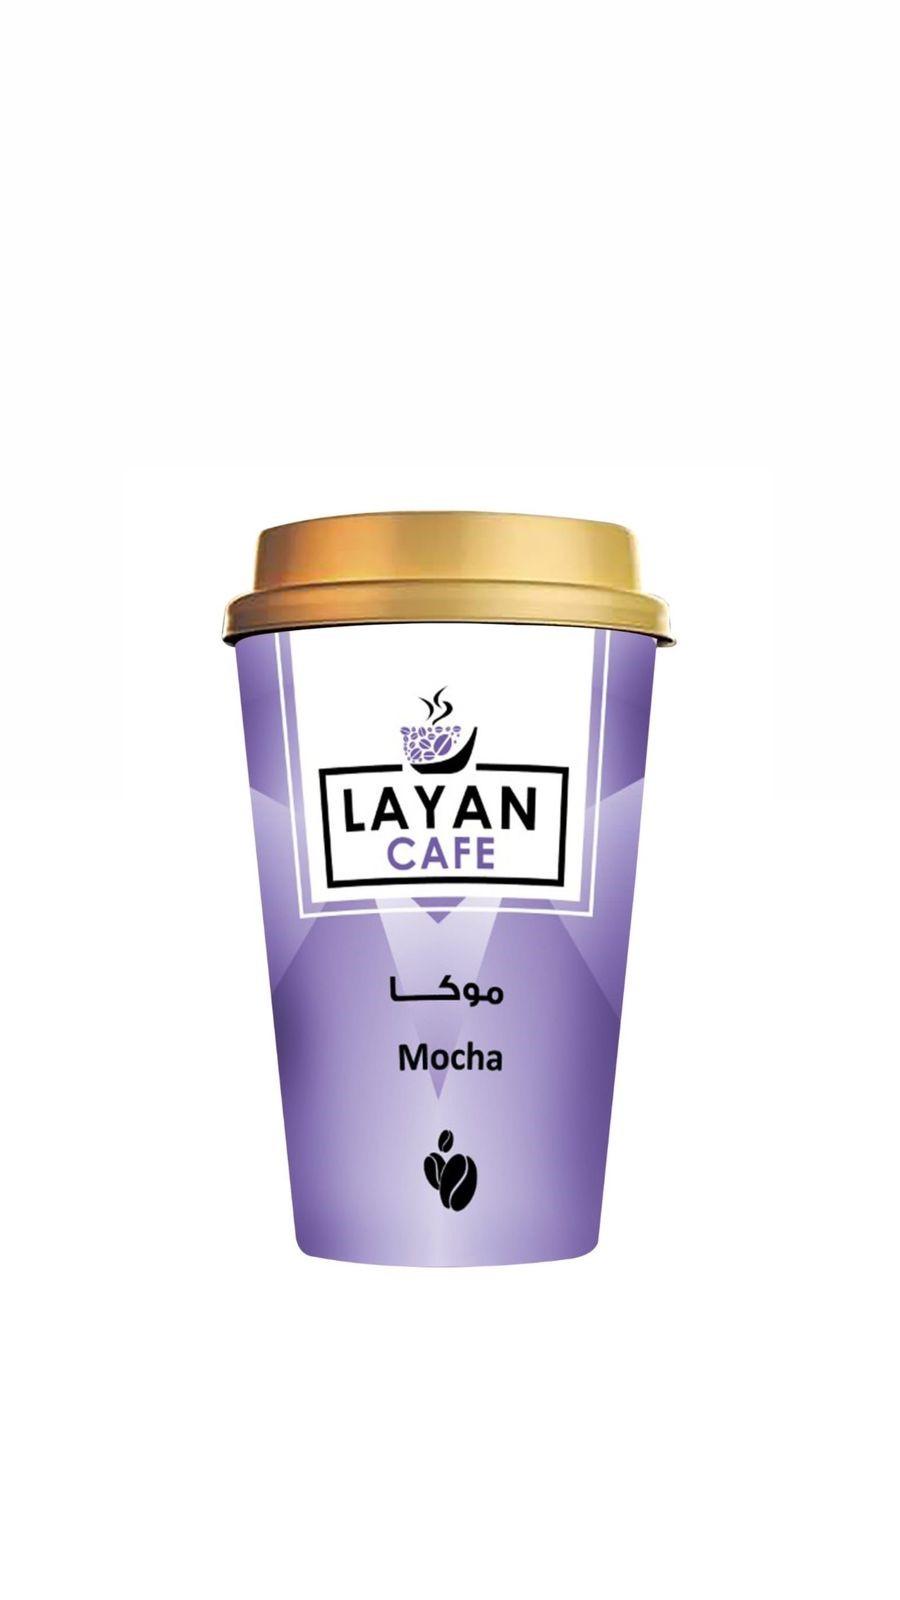 قهوة موكا سريعة التحضير من ليان كافية